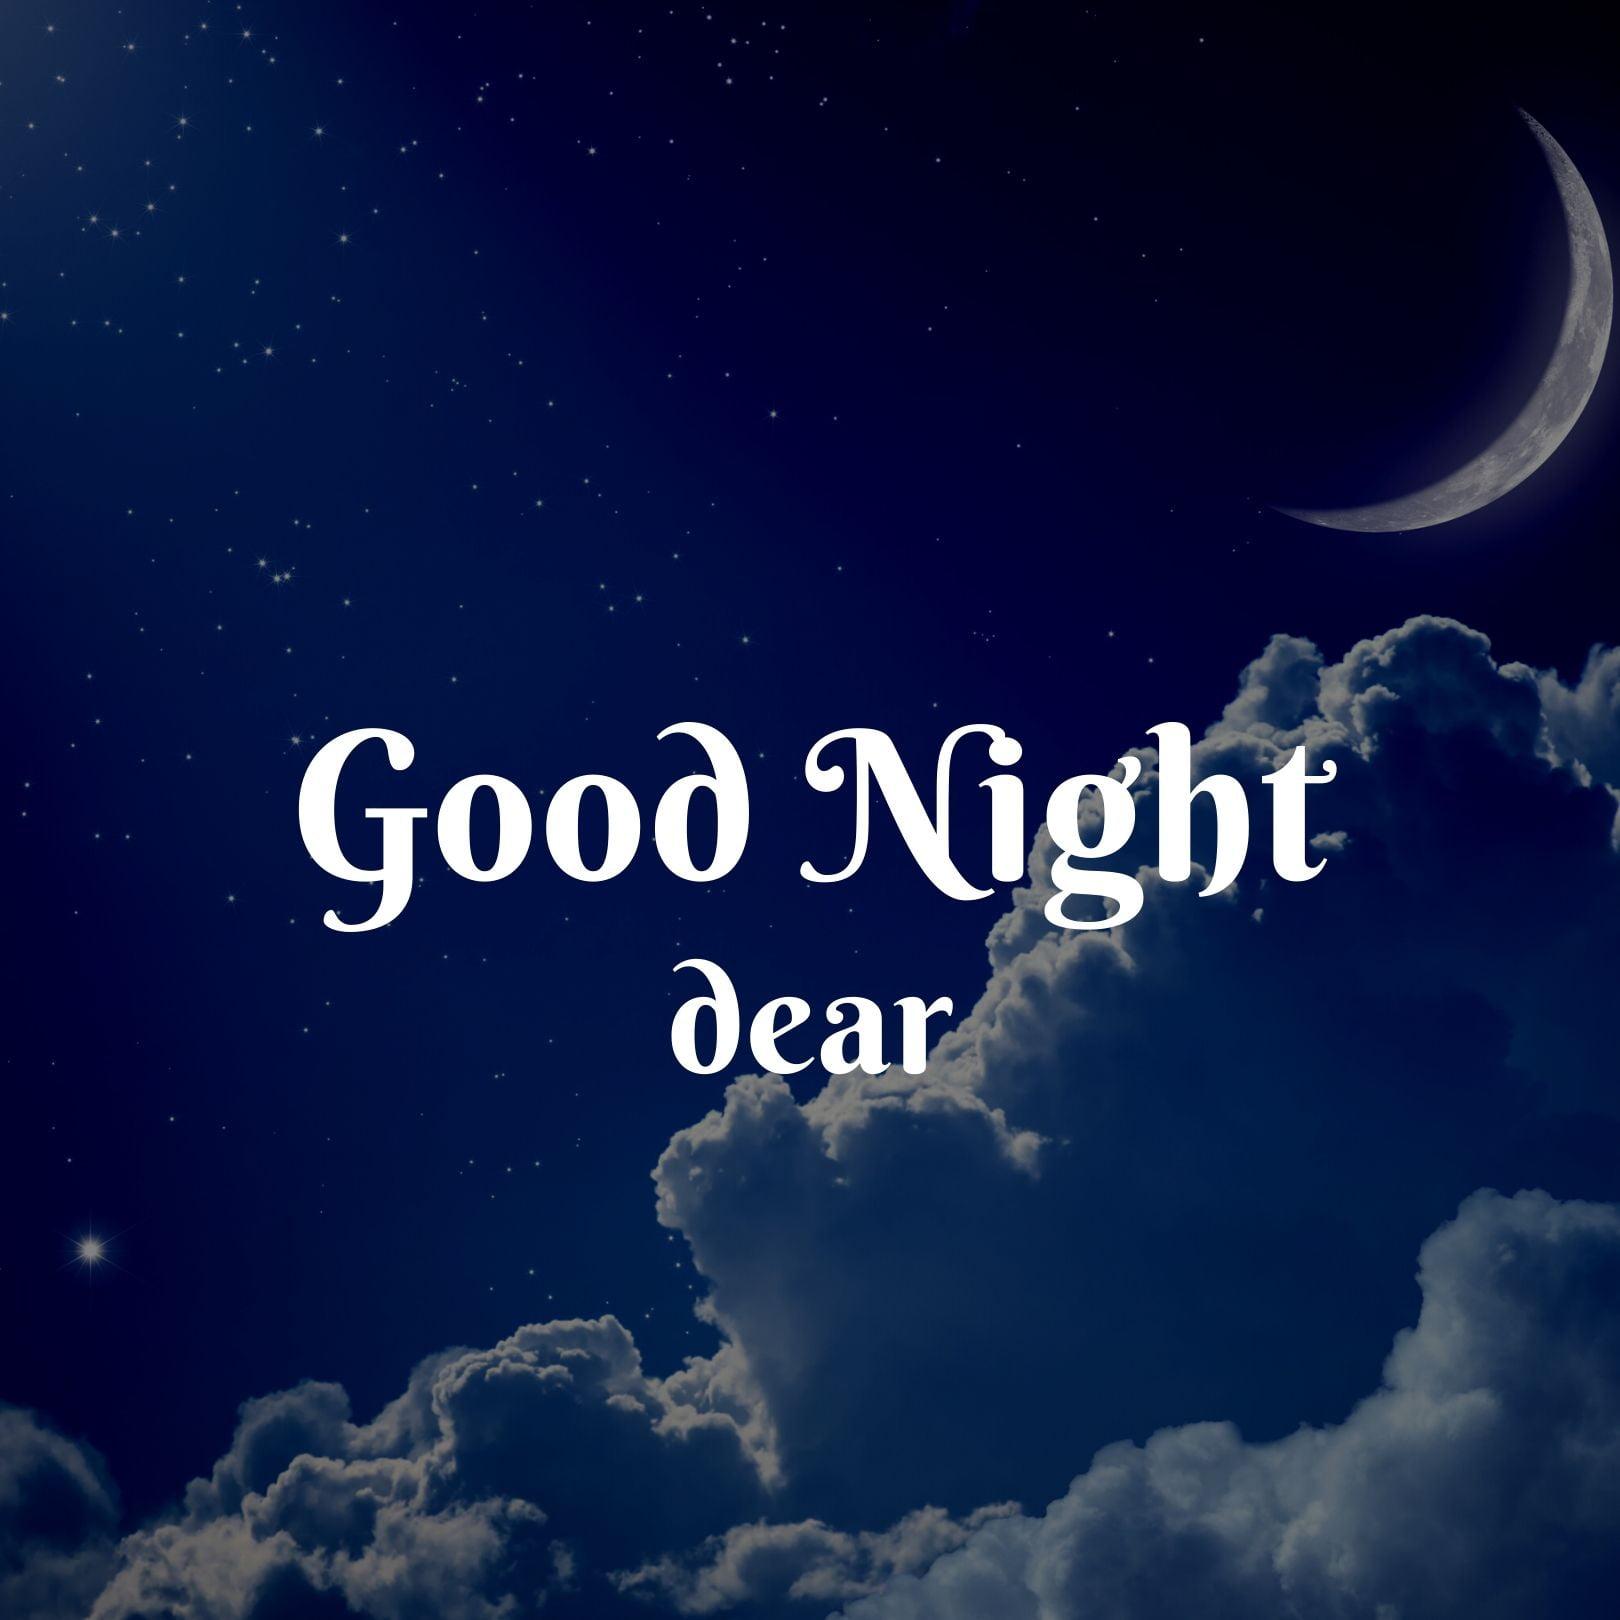 Good Night Dear pic full HD free download.